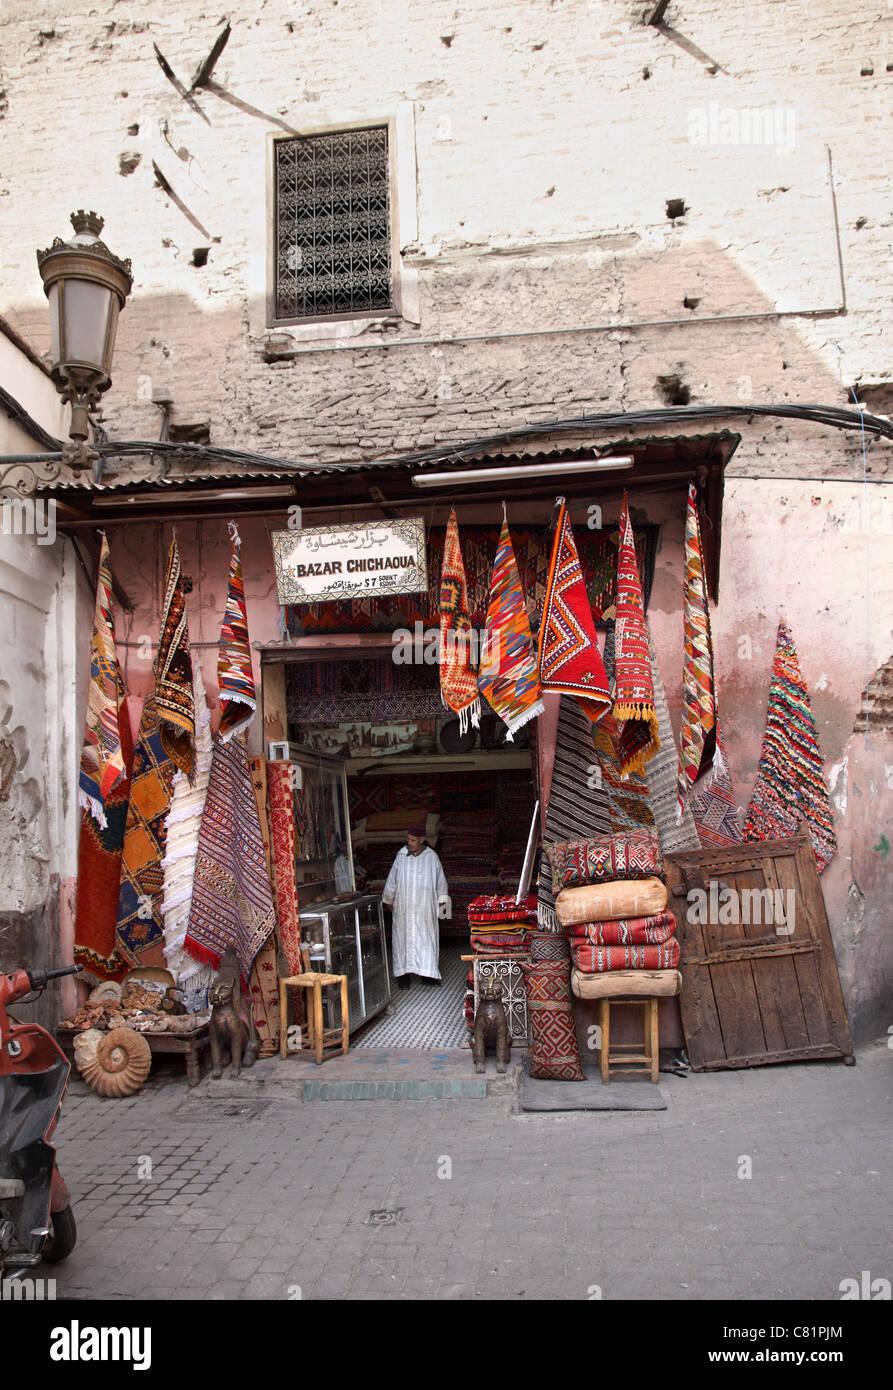 Marrakech Carpet Shop - Stock Image